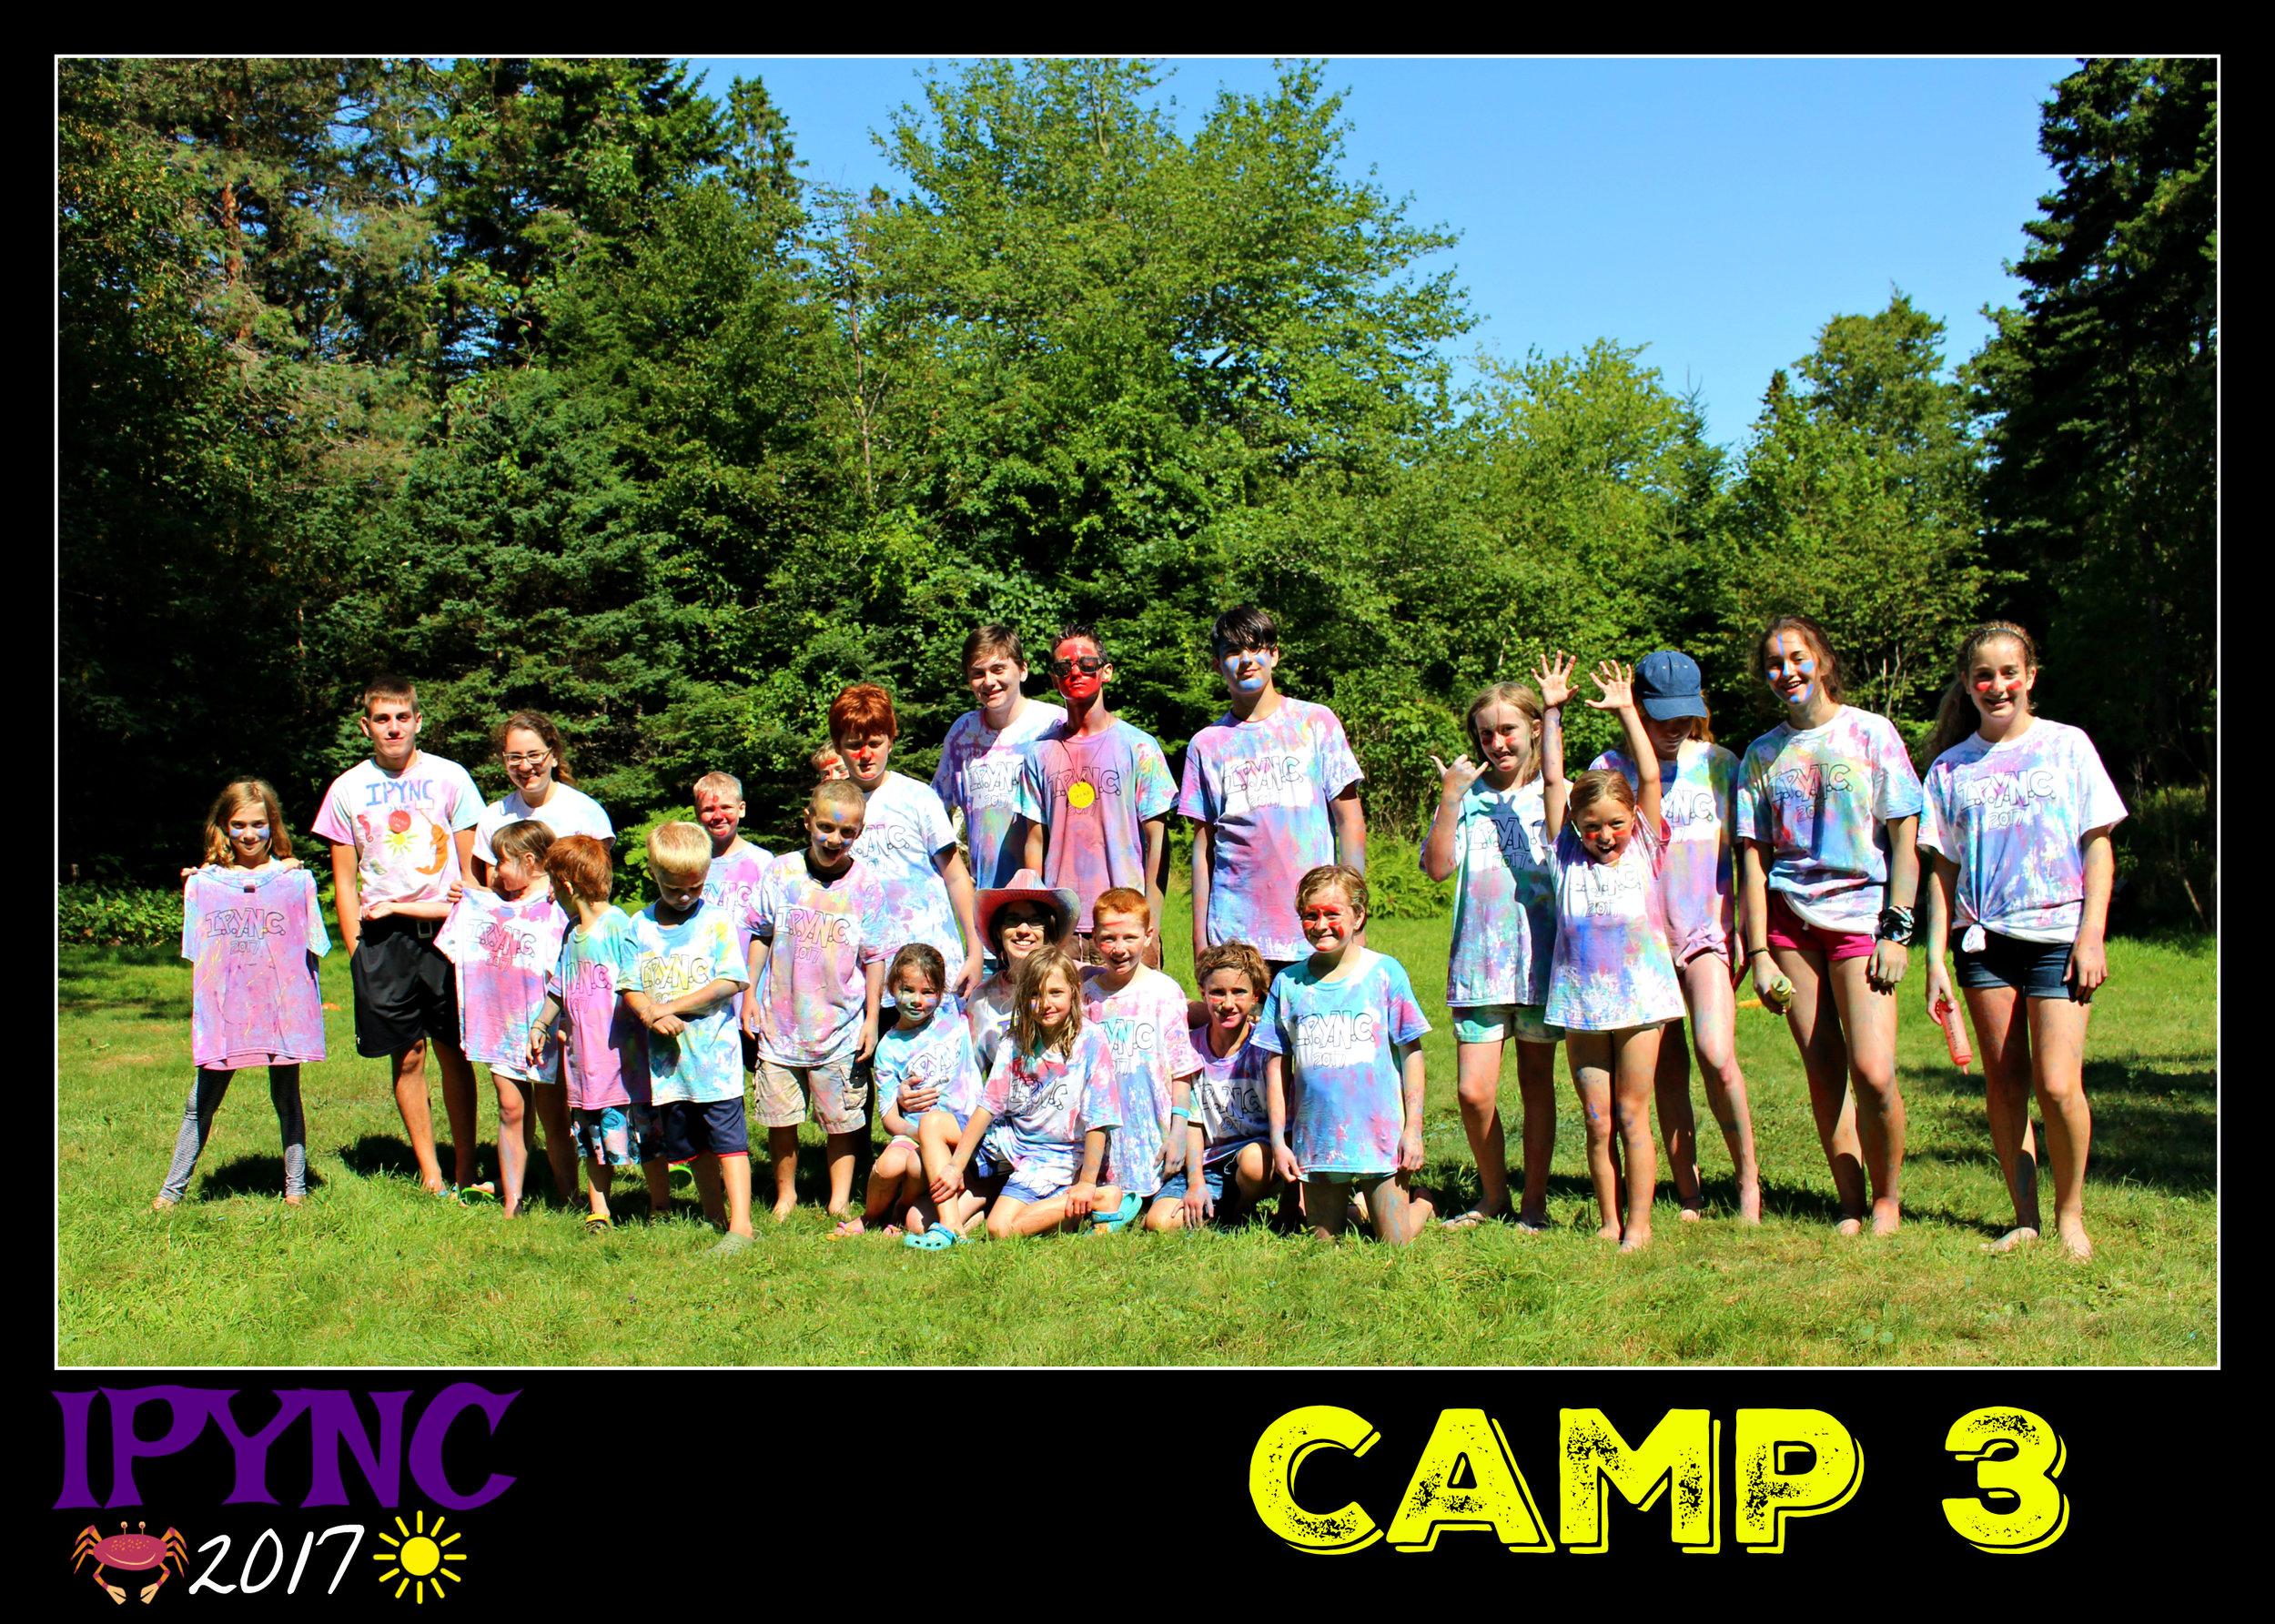 Camp 3 splatter.jpg